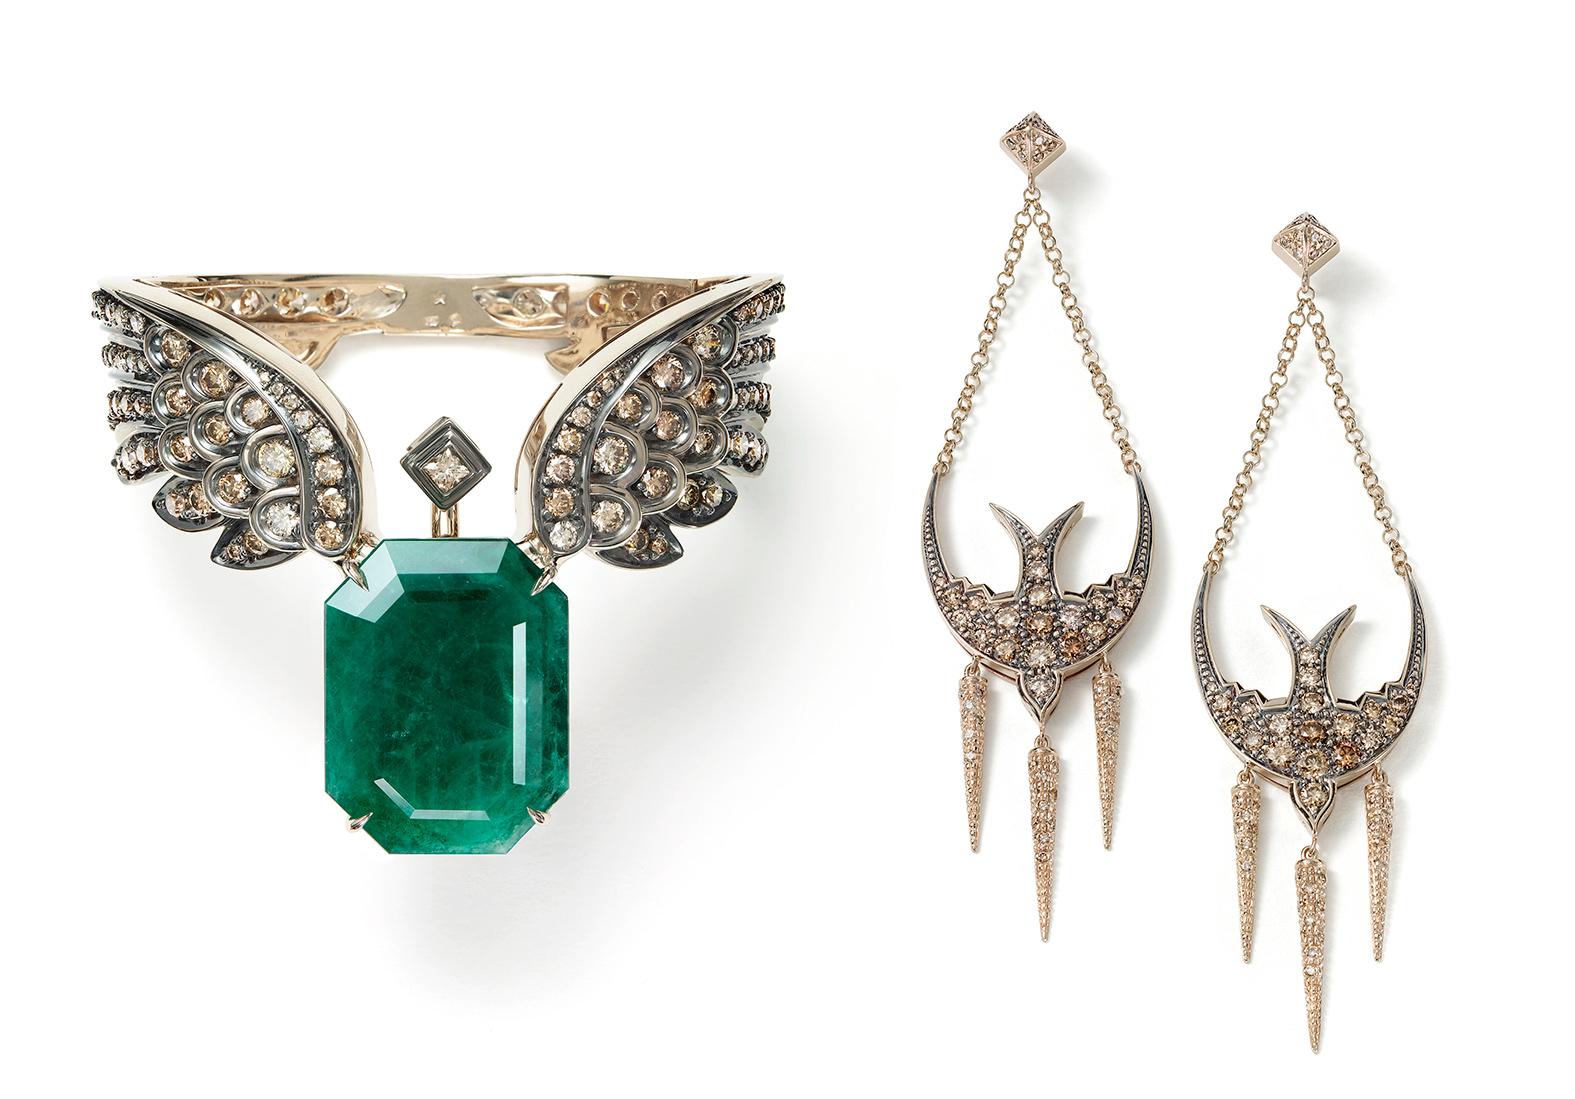 Bracelete-ROCK-FALL-de-Ouro-Nobre-com-esmeralda-e-diamantes-cognac-(P1EM-199974)